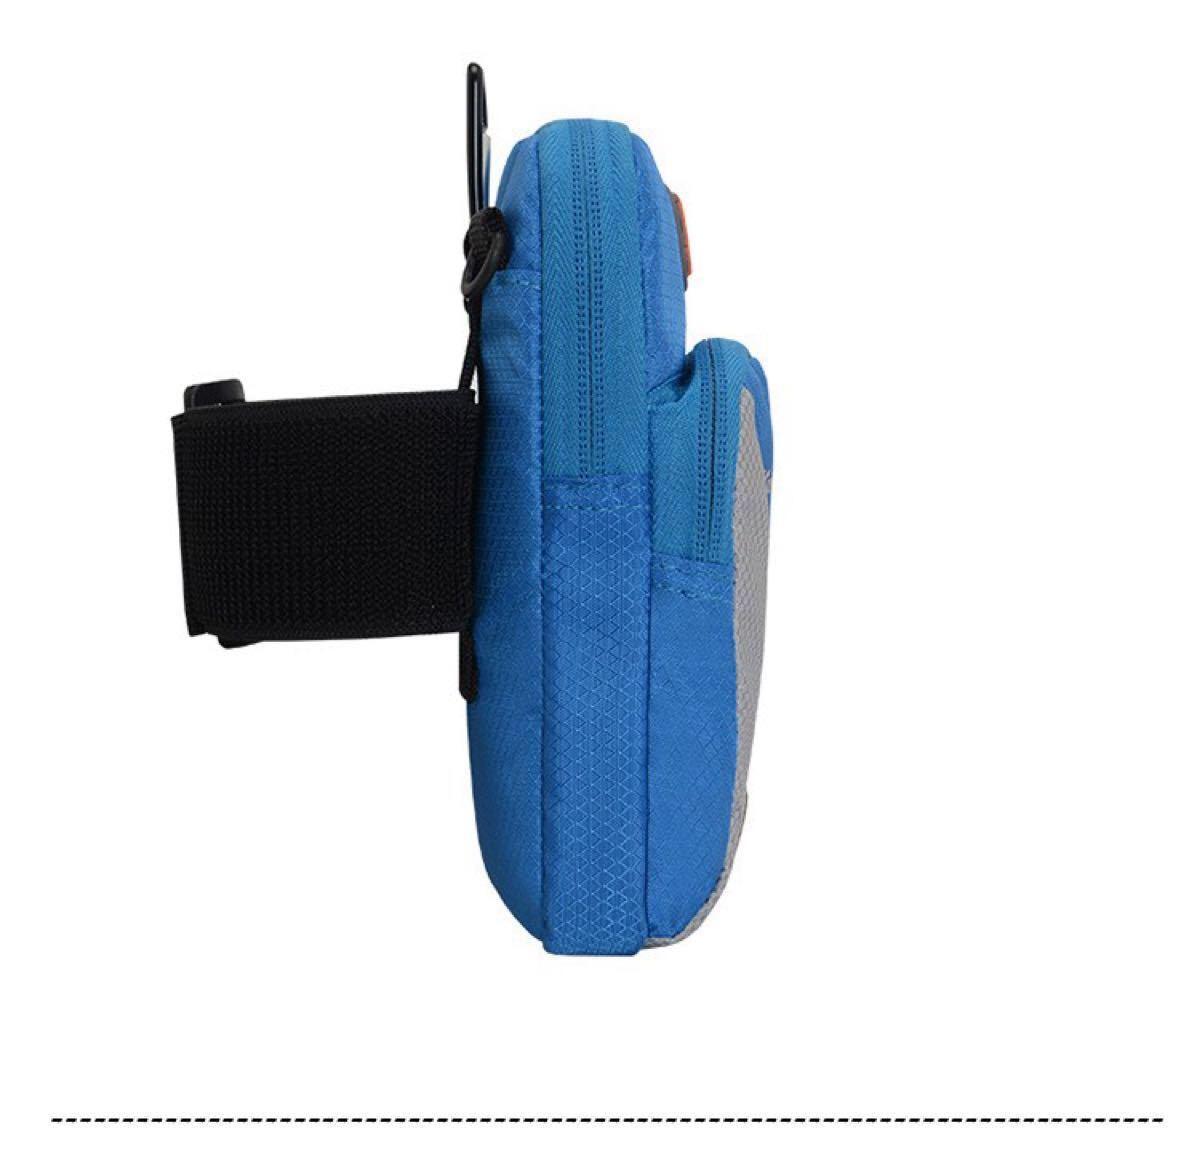 ショルダーバッグ バッグ トートバッグ スポーツバッグ ボディバッグ ブルー